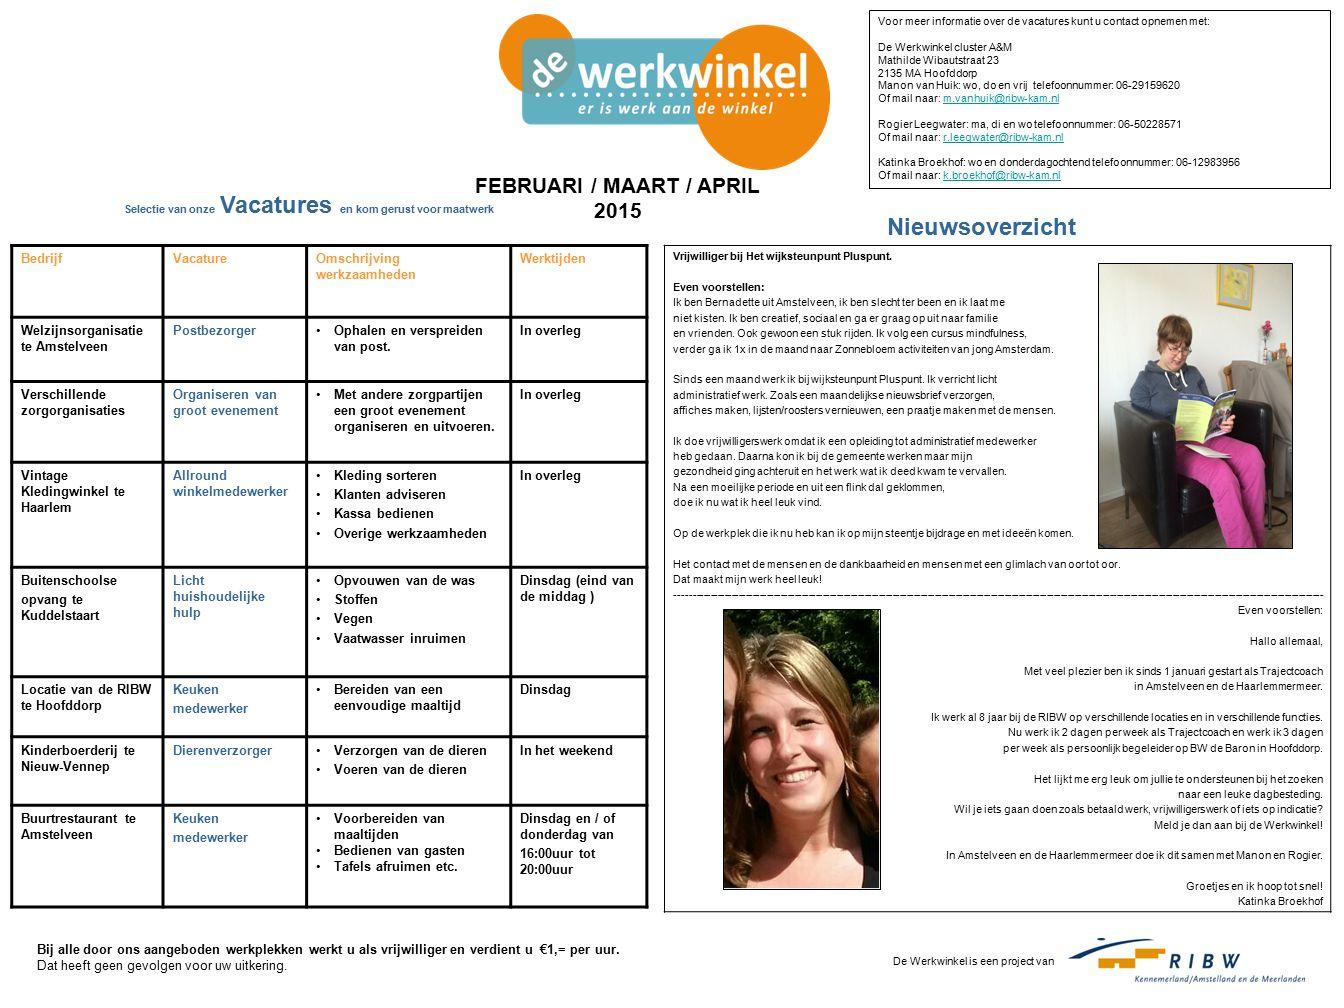 BedrijfVacatureOmschrijving werkzaamheden Werktijden Welzijnsorganisatie te Amstelveen PostbezorgerOphalen en verspreiden van post. In overleg Verschi